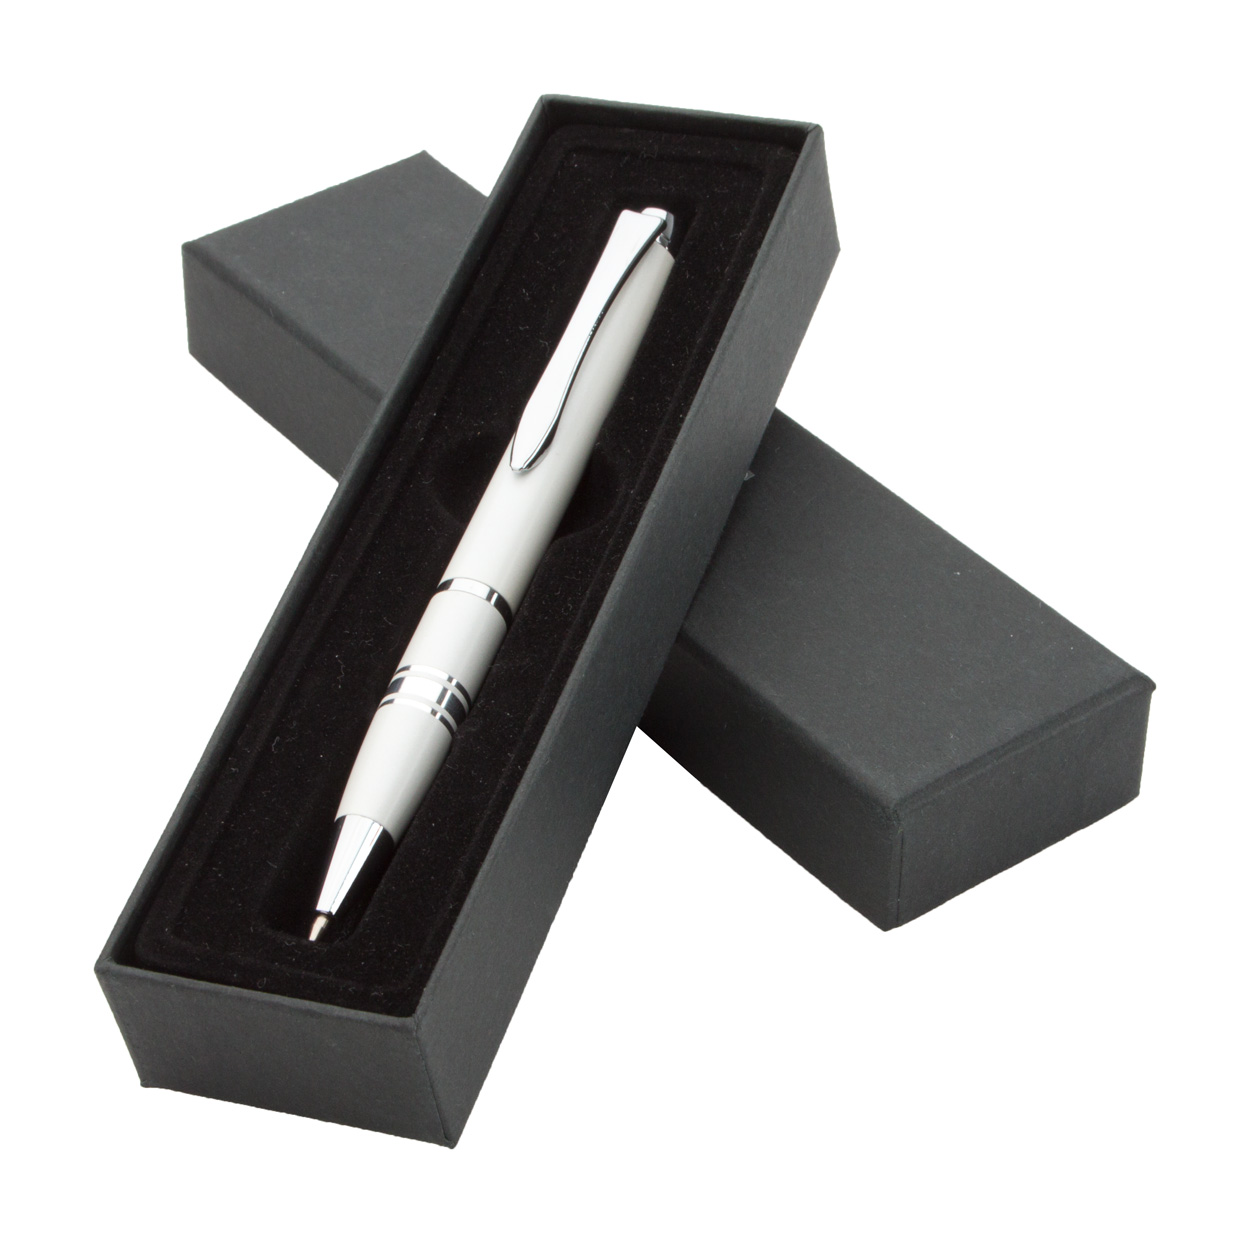 Saturn ballpoint pen